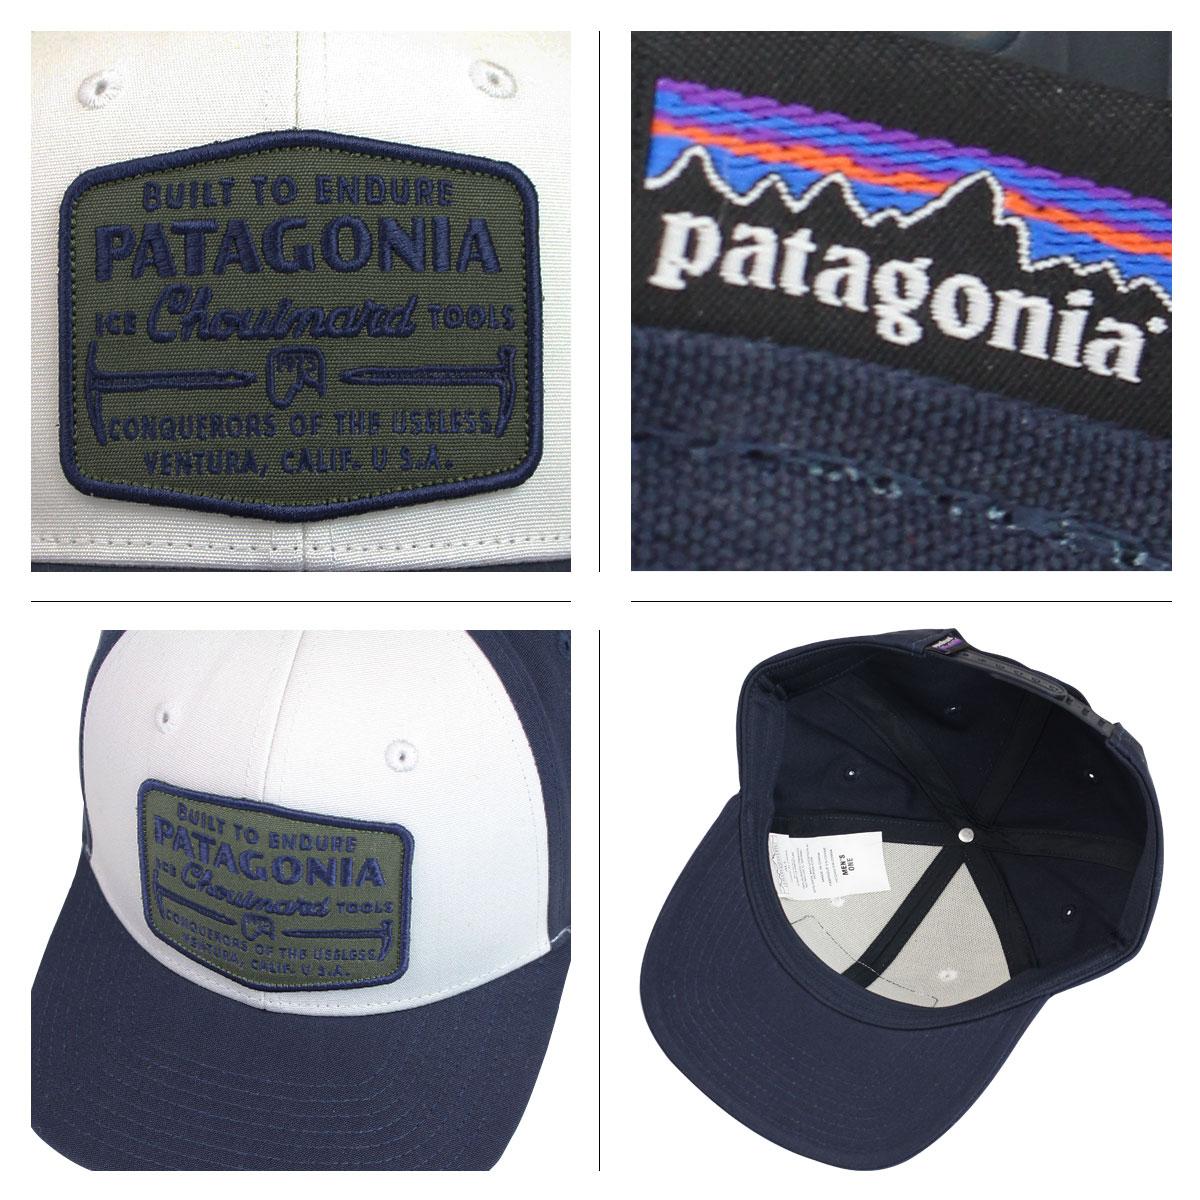 10 点 x 巴塔哥尼亚巴塔哥尼亚男士帽管理单元背帽 38045 2 颜色 CHOUINARD 冰工具罗杰,帽子 [12 / 1 新股票]